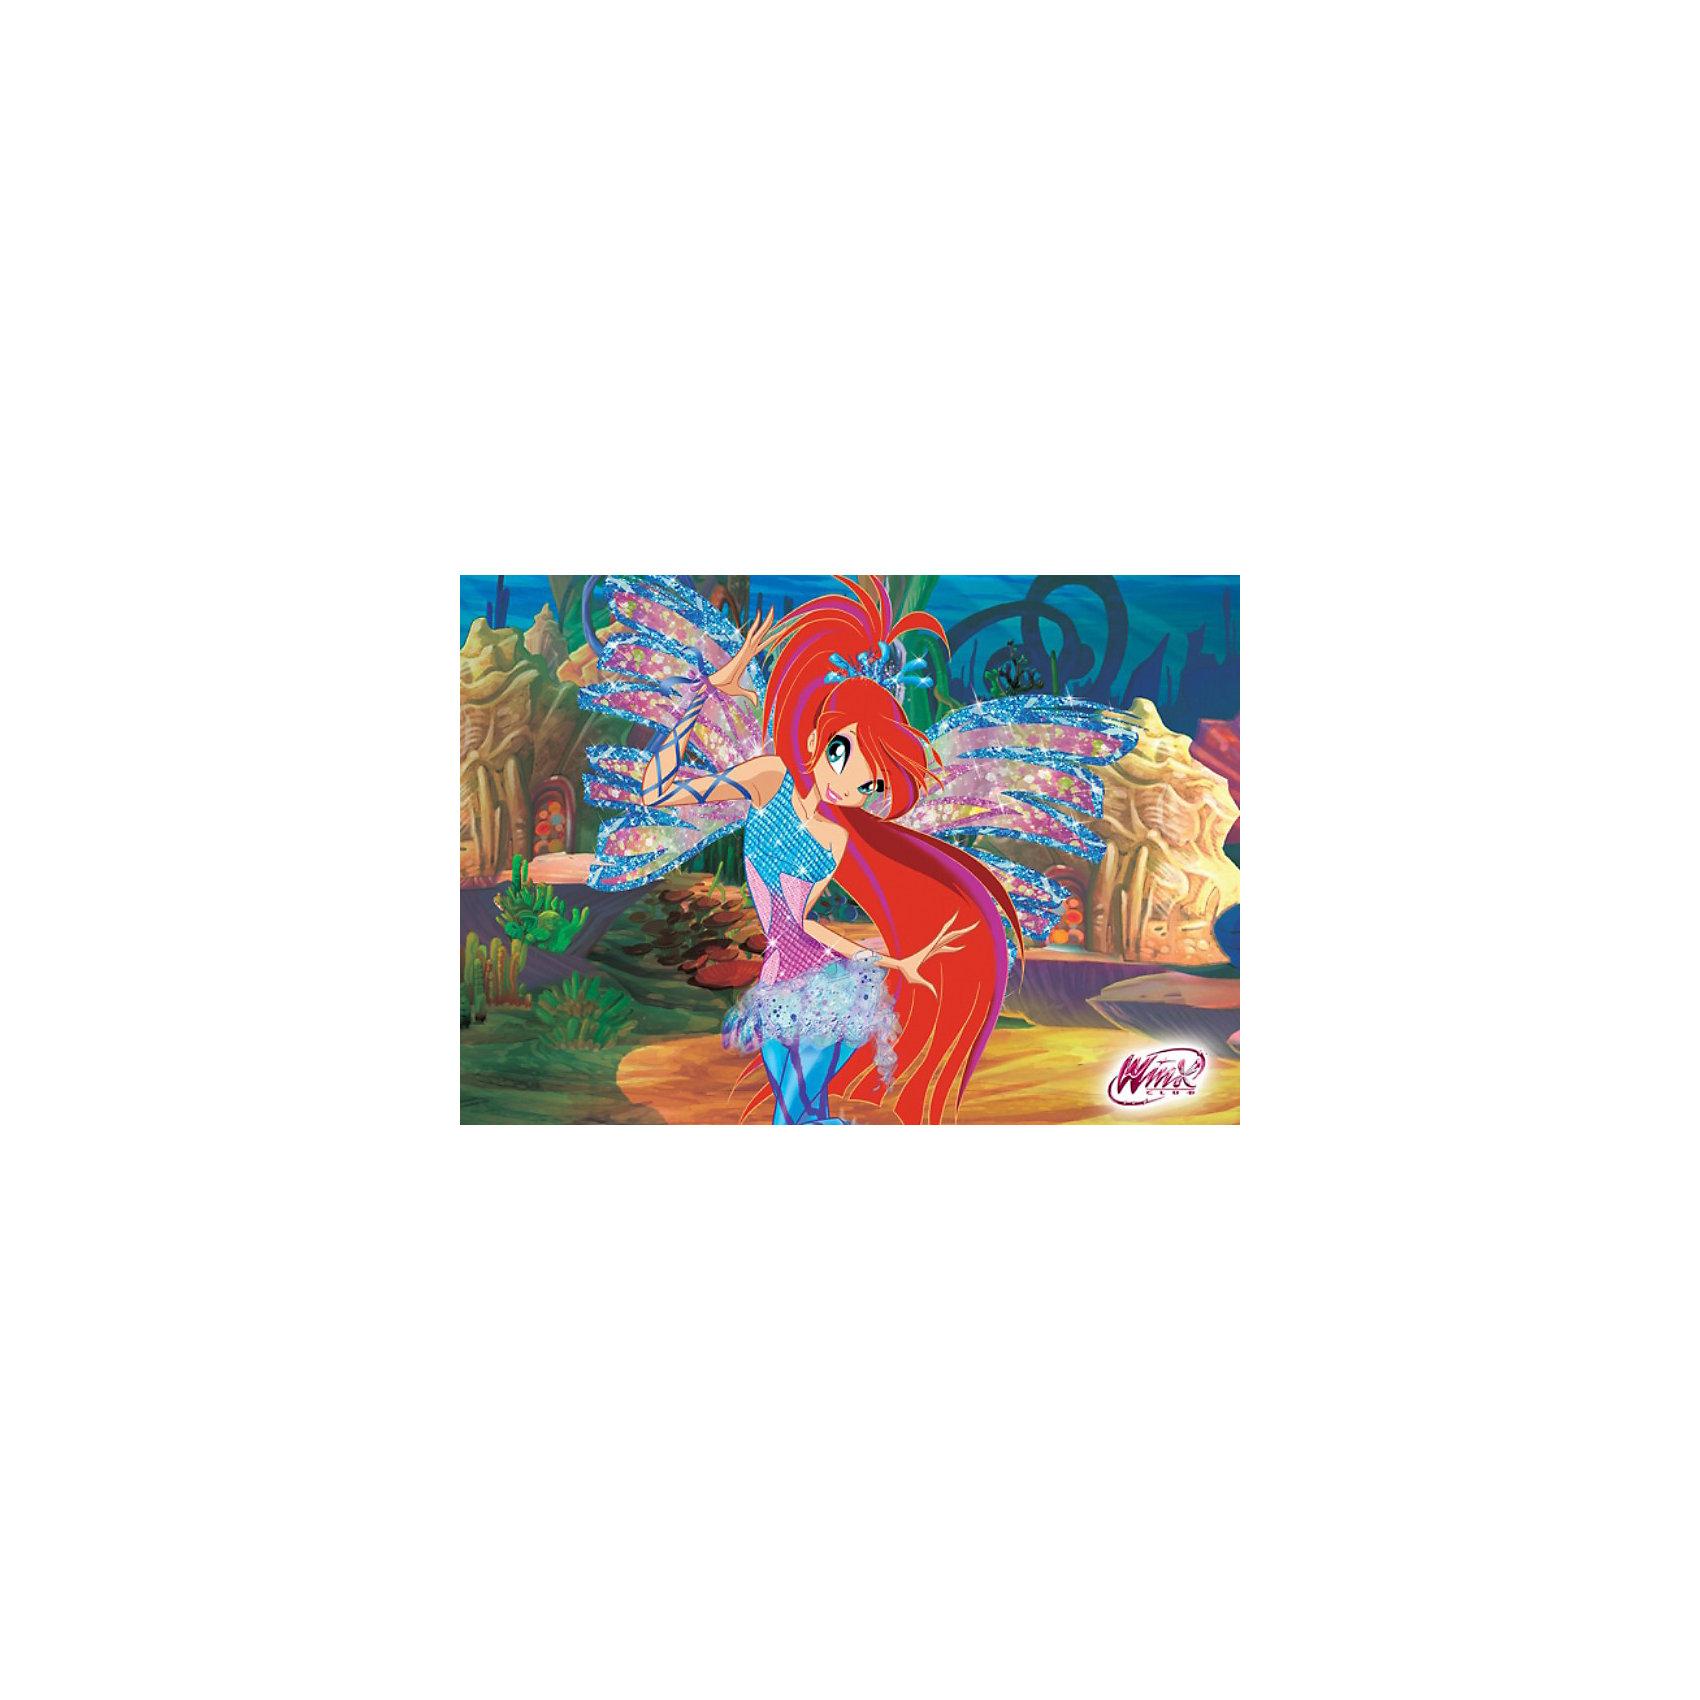 Пазл Блум, Winx Club, 60 деталей, CastorlandПорадуйте себя и своего ребенка великолепным Пазлом Блум, Winx Club (Винкс Клаб), 60 деталей, Castorland (Касторлэнд) с изображением героини популярного мультфильма Школа волшебниц! Несмотря на то, что феи Винкс обладают волшебной силой, они во многом напоминают обычных девочек - модно одеваются, разбираются в компьютерах, любят музыку, они ходят в школу, играют, мечтают и влюбляются. <br><br>Лидер и основатель Клуба Винкс – фея по имени Блум. Глядя на эту очаровательную рыжеволосую, голубоглазую и длинноногую красотку, никогда не подумаешь, что перед тобой одна из самых могущественных волшебниц сказочной реальности Матрикс. Блум может исцелять умирающих при помощи Огня Дракона, она может чувствовать присутствие волшебных существ и видеть ауры простых людей. Вам предстоит из маленьких кусочков пазла собрать красивую картинку с любимой героиней Блум на фоне подводного пейзажа.<br><br>Особенности:<br>-Способствуют развитию образного и логического мышления, наблюдательности, мелкой моторики<br>-Высокое качество: точная нарезка, обеспечивающая стыковку деталей, качественная проработка деталей картинки, яркая цветовая гамма<br>-Изготовлено из экологического сырья<br>-Матовая поверхность исключает неприятные отблески<br><br>Комплектация: 60 деталей<br><br>Дополнительная информация:<br><br>-Размеры собранного пазла: 32х23 см<br>-Материал: картон<br><br>Пазл «Блум» – отличное развлечение для всех девочек, которые любят мультик про Школу Волшебниц!<br><br>Пазл Блум, Winx Club (Винкс Клаб), 60 деталей, Castorland (Касторлэнд) можно купить в нашем магазине.<br><br>Ширина мм: 175<br>Глубина мм: 130<br>Высота мм: 37<br>Вес г: 150<br>Возраст от месяцев: 36<br>Возраст до месяцев: 1188<br>Пол: Женский<br>Возраст: Детский<br>Количество деталей: 60<br>SKU: 3574402